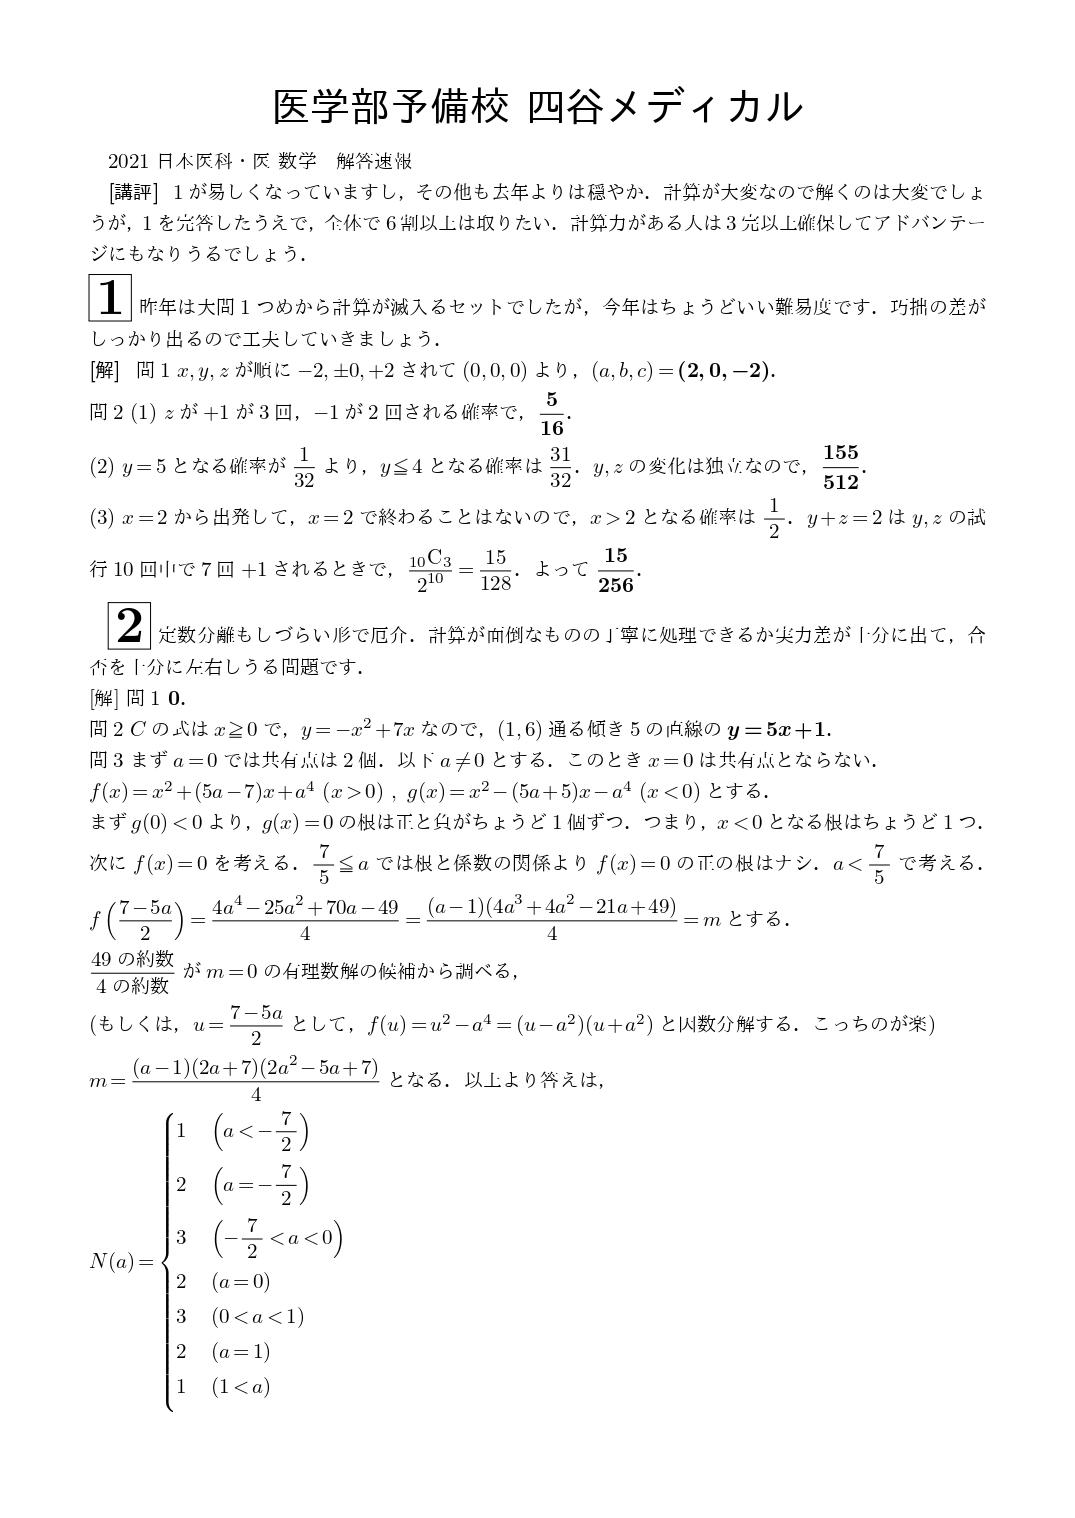 2021年2月2日 日本医科大学前期(数学) 解答速報